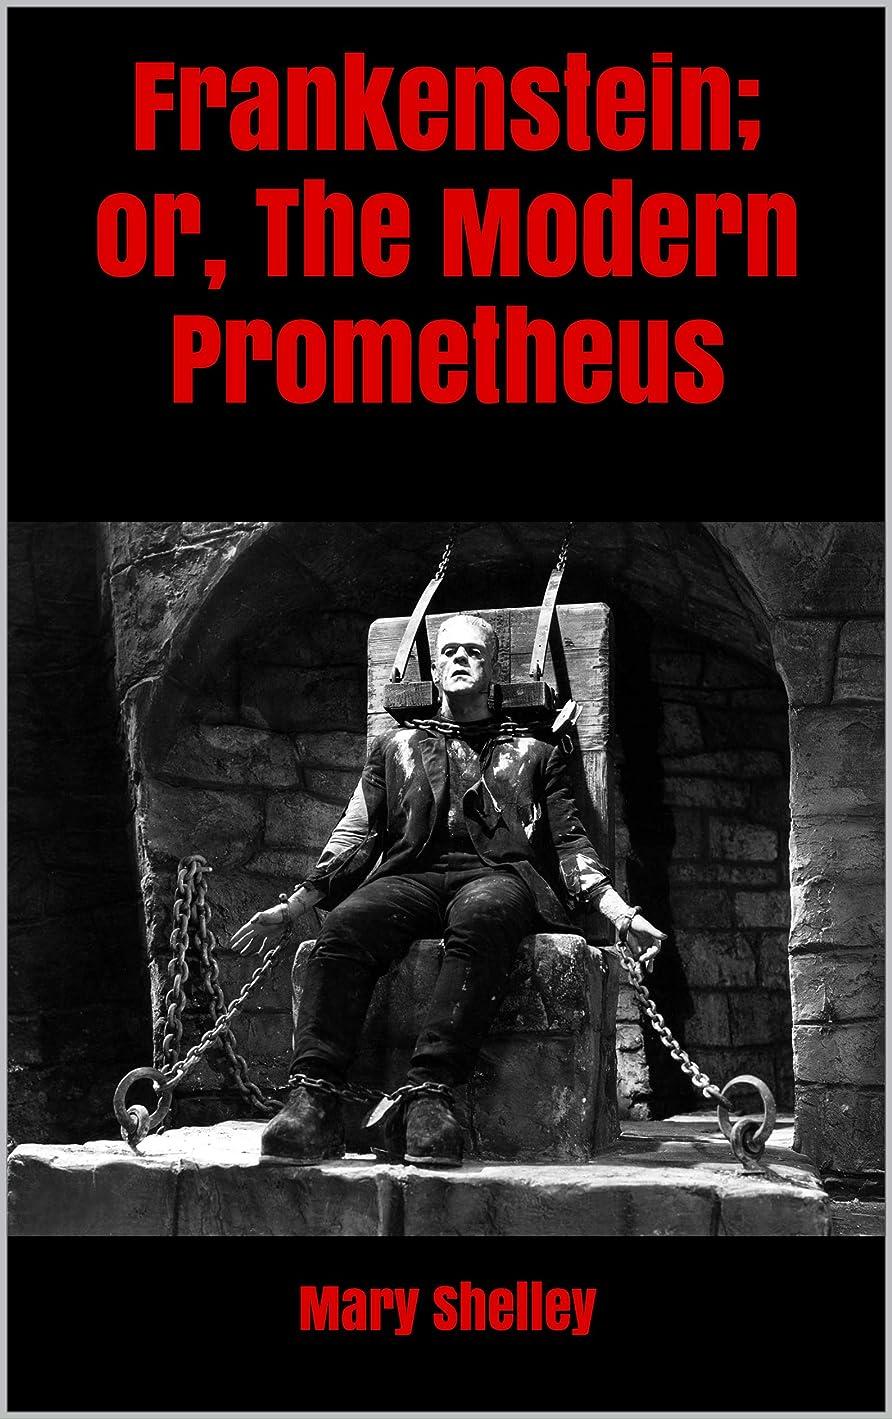 食堂筋靴Frankenstein; or, The Modern Prometheus (English Edition)